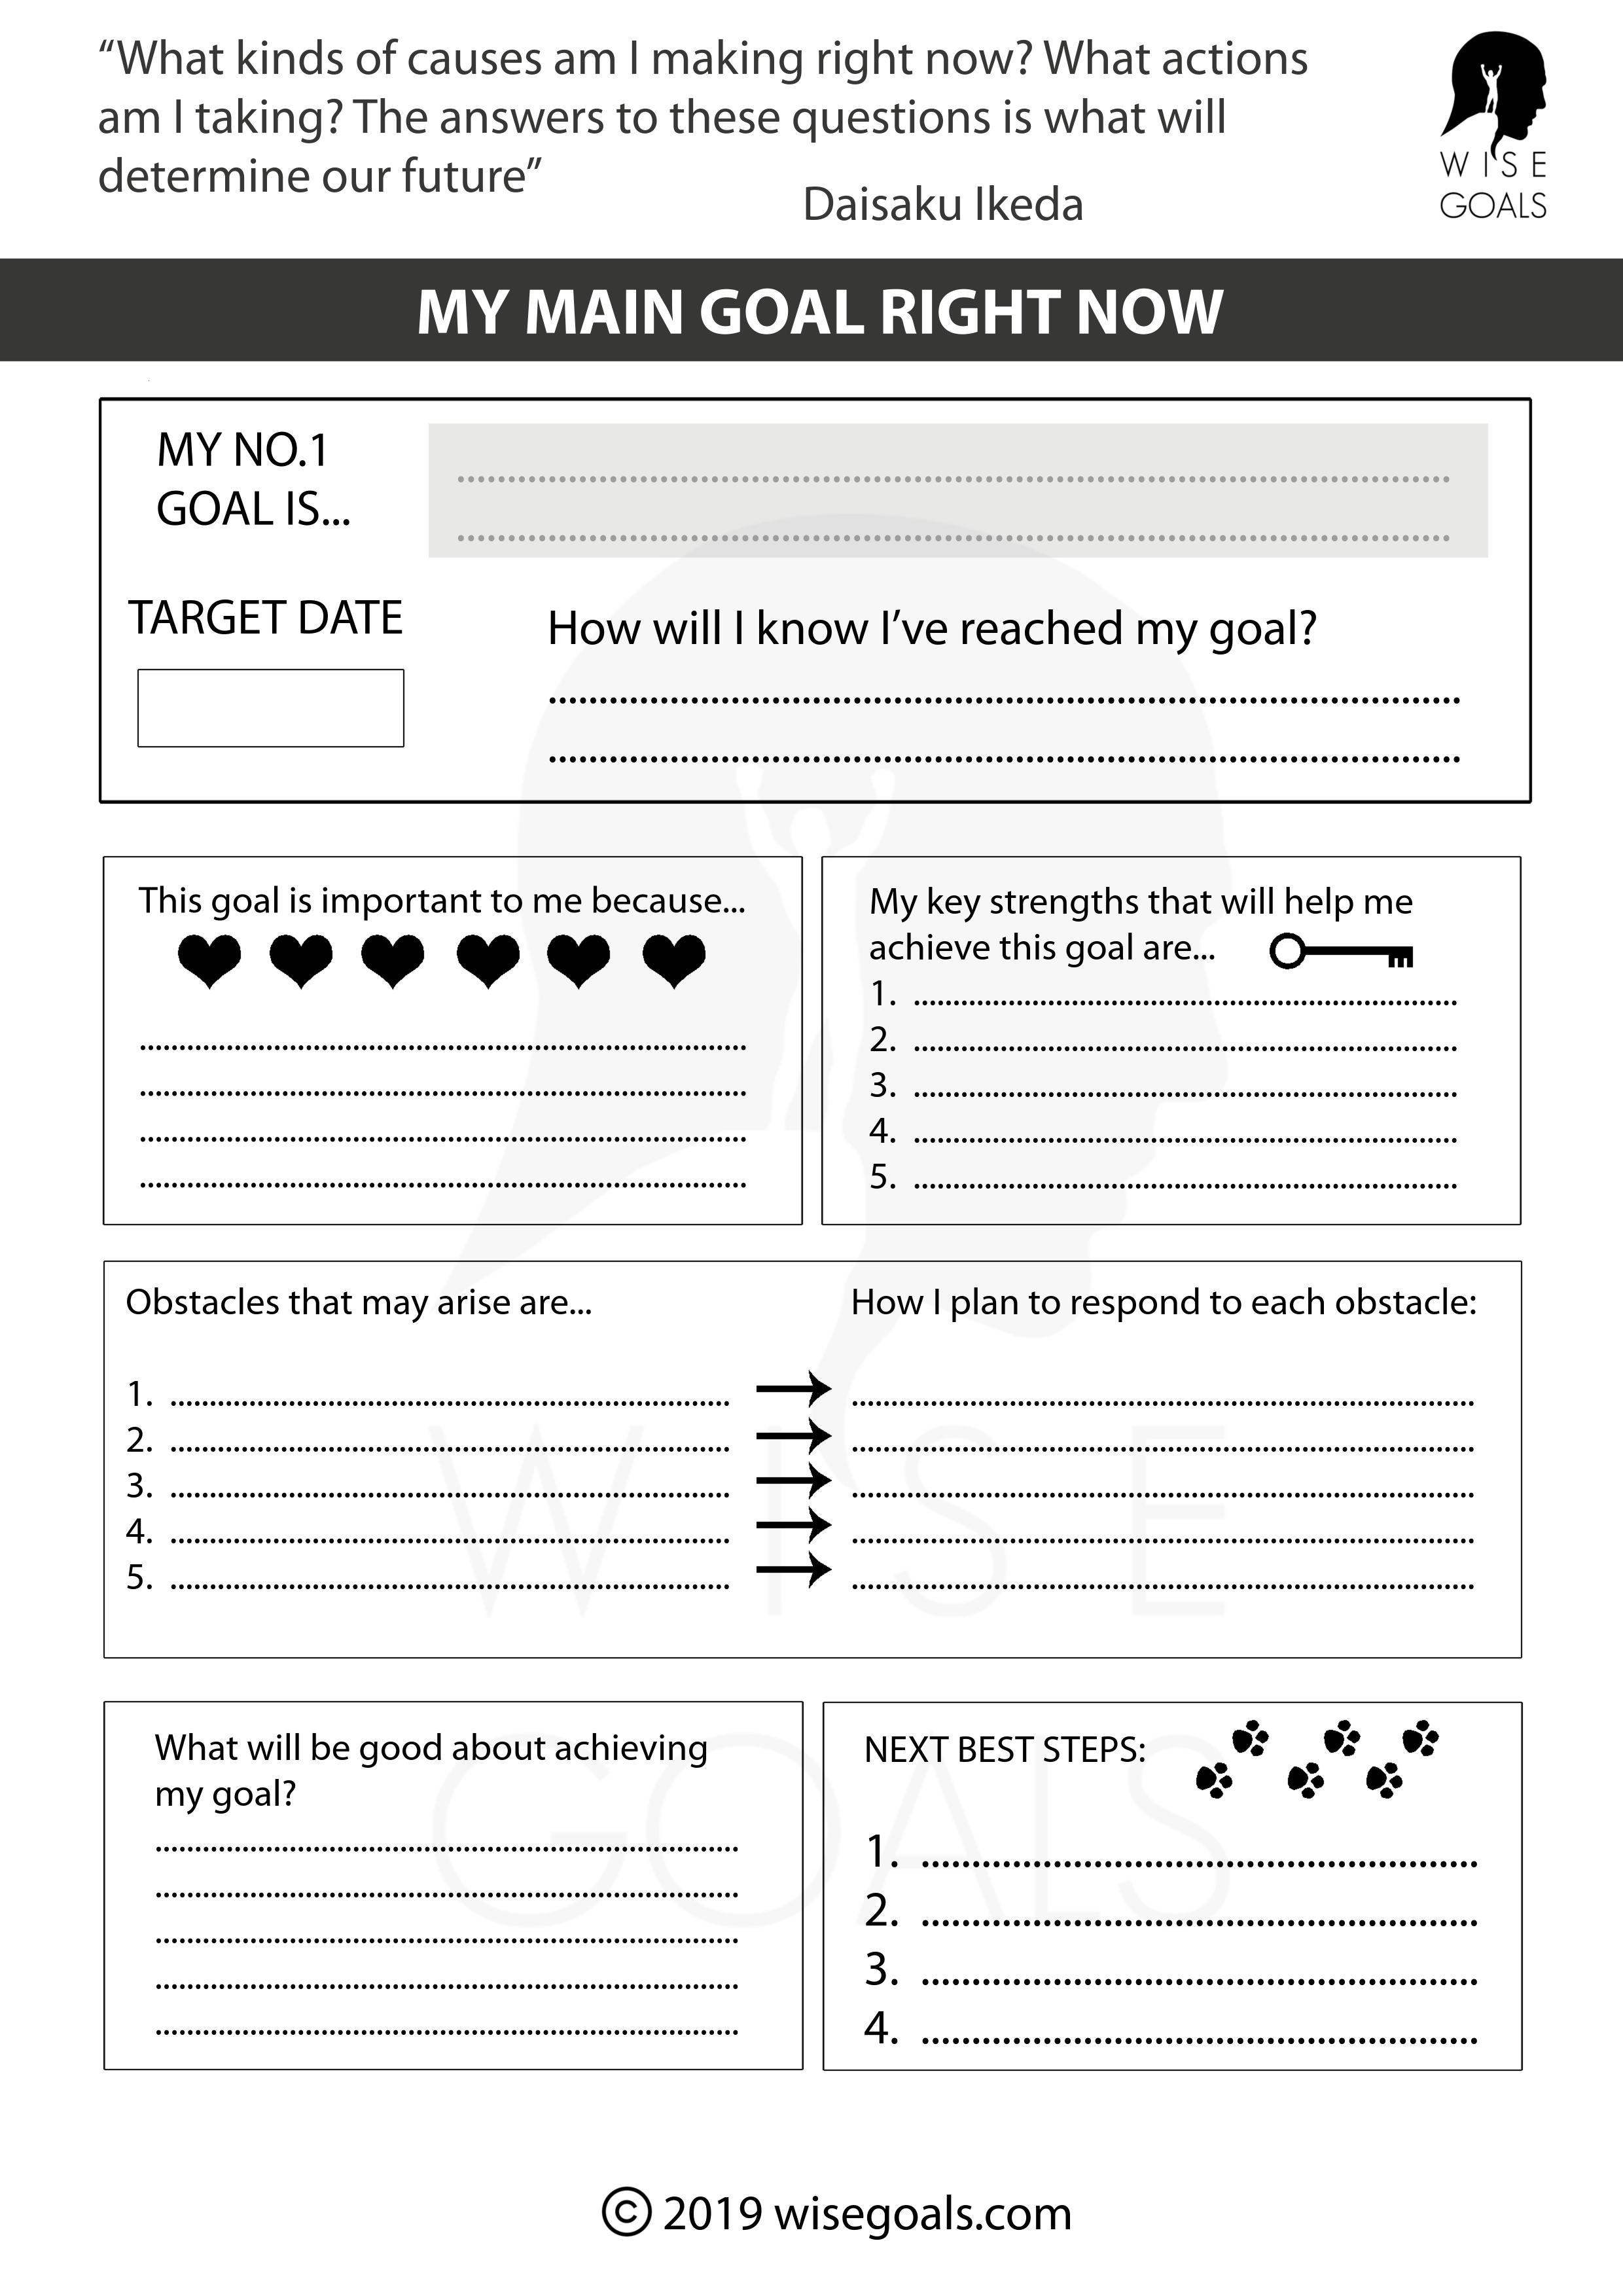 Main goal now worksheet